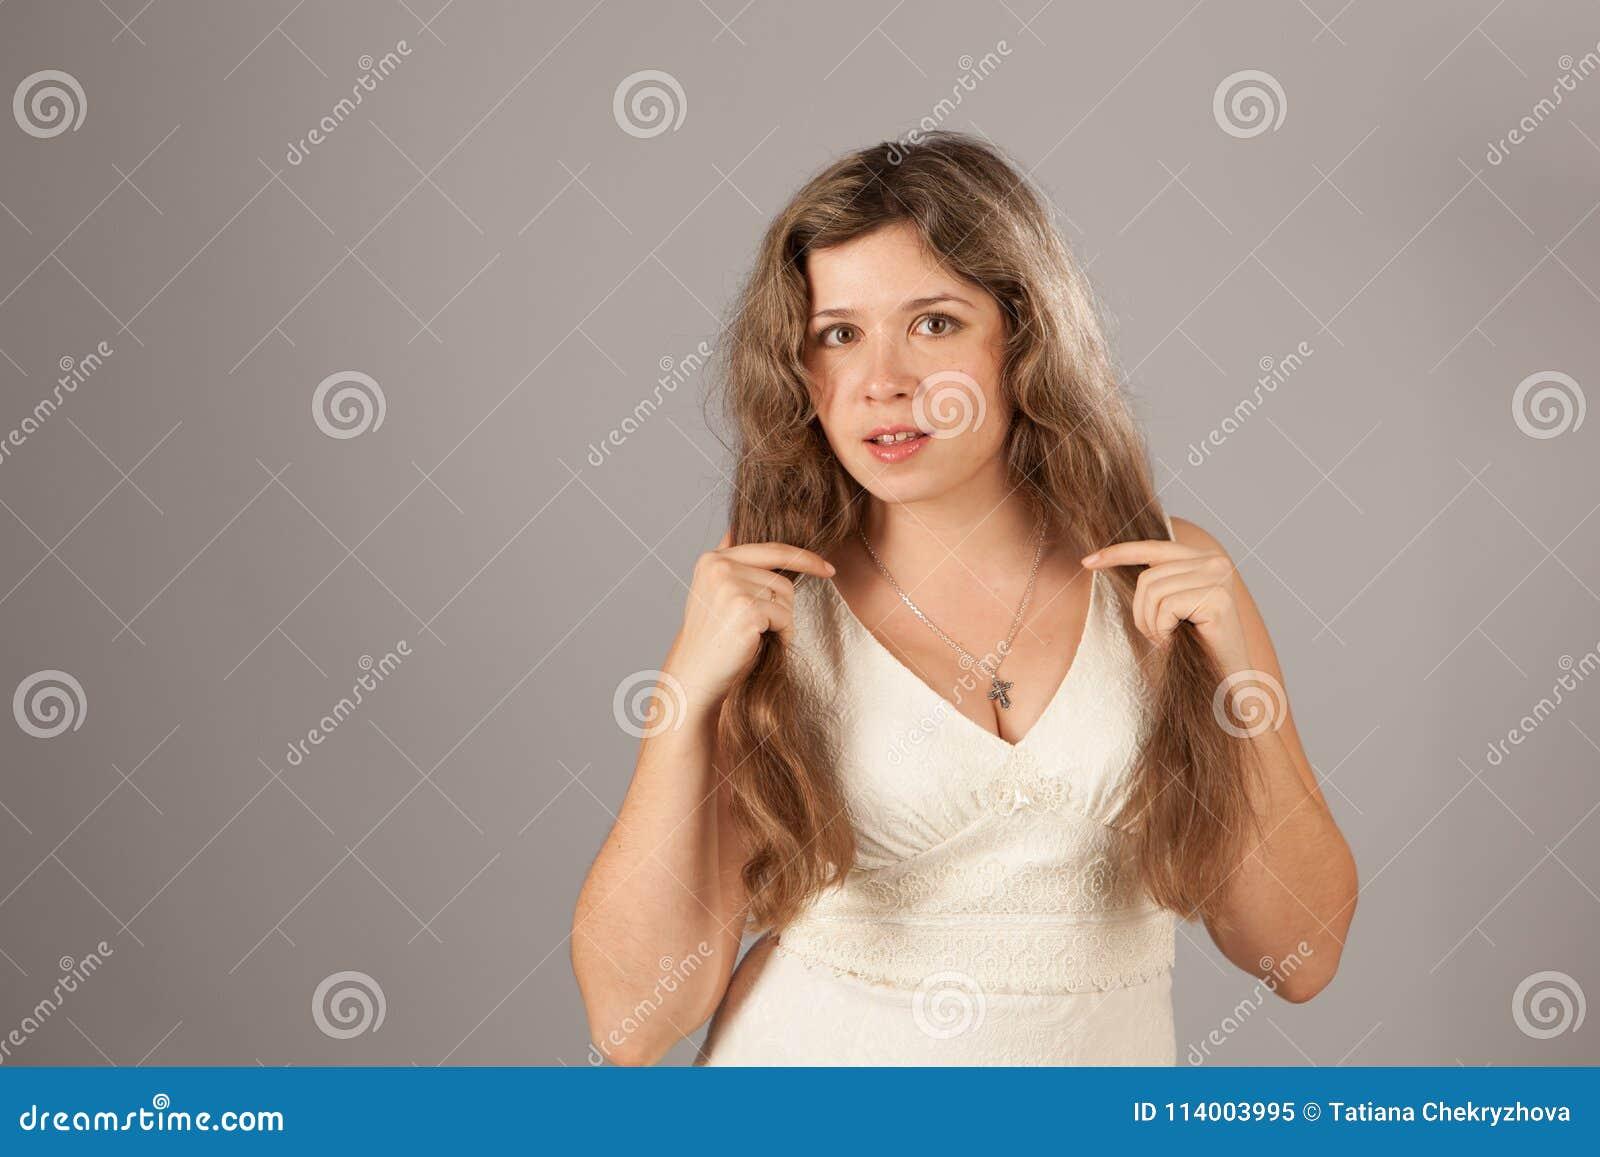 Φωτογραφία μόδας μιας νέας γυναίκας με τη σγουρή τρίχα που φορά το άσπρο φόρεμα